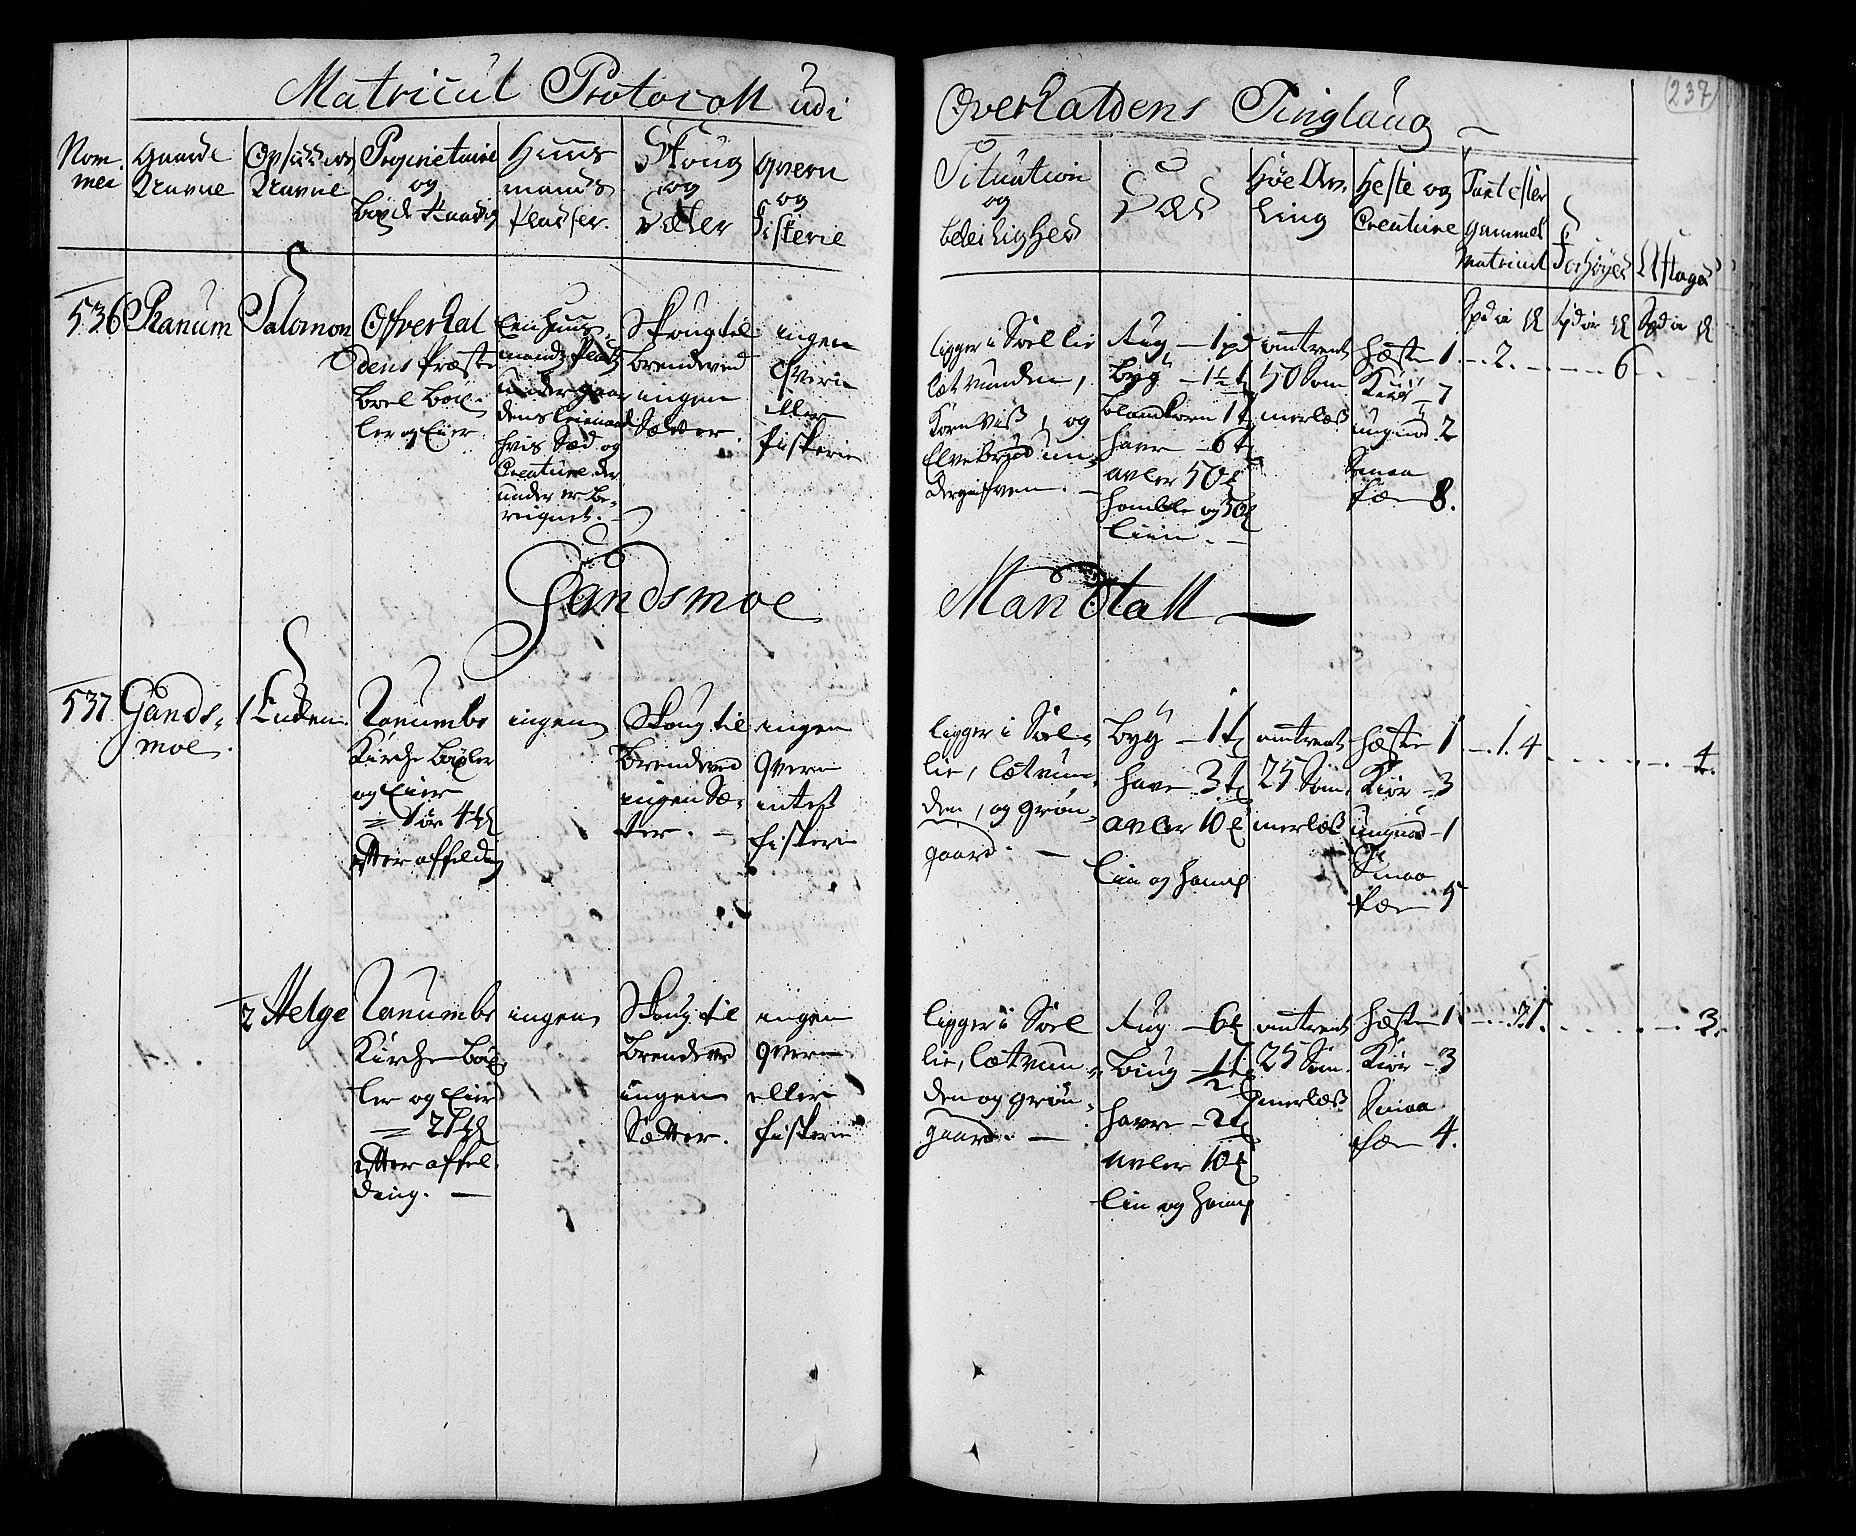 RA, Rentekammeret inntil 1814, Realistisk ordnet avdeling, N/Nb/Nbf/L0168: Namdalen eksaminasjonsprotokoll, 1723, s. 236b-237a